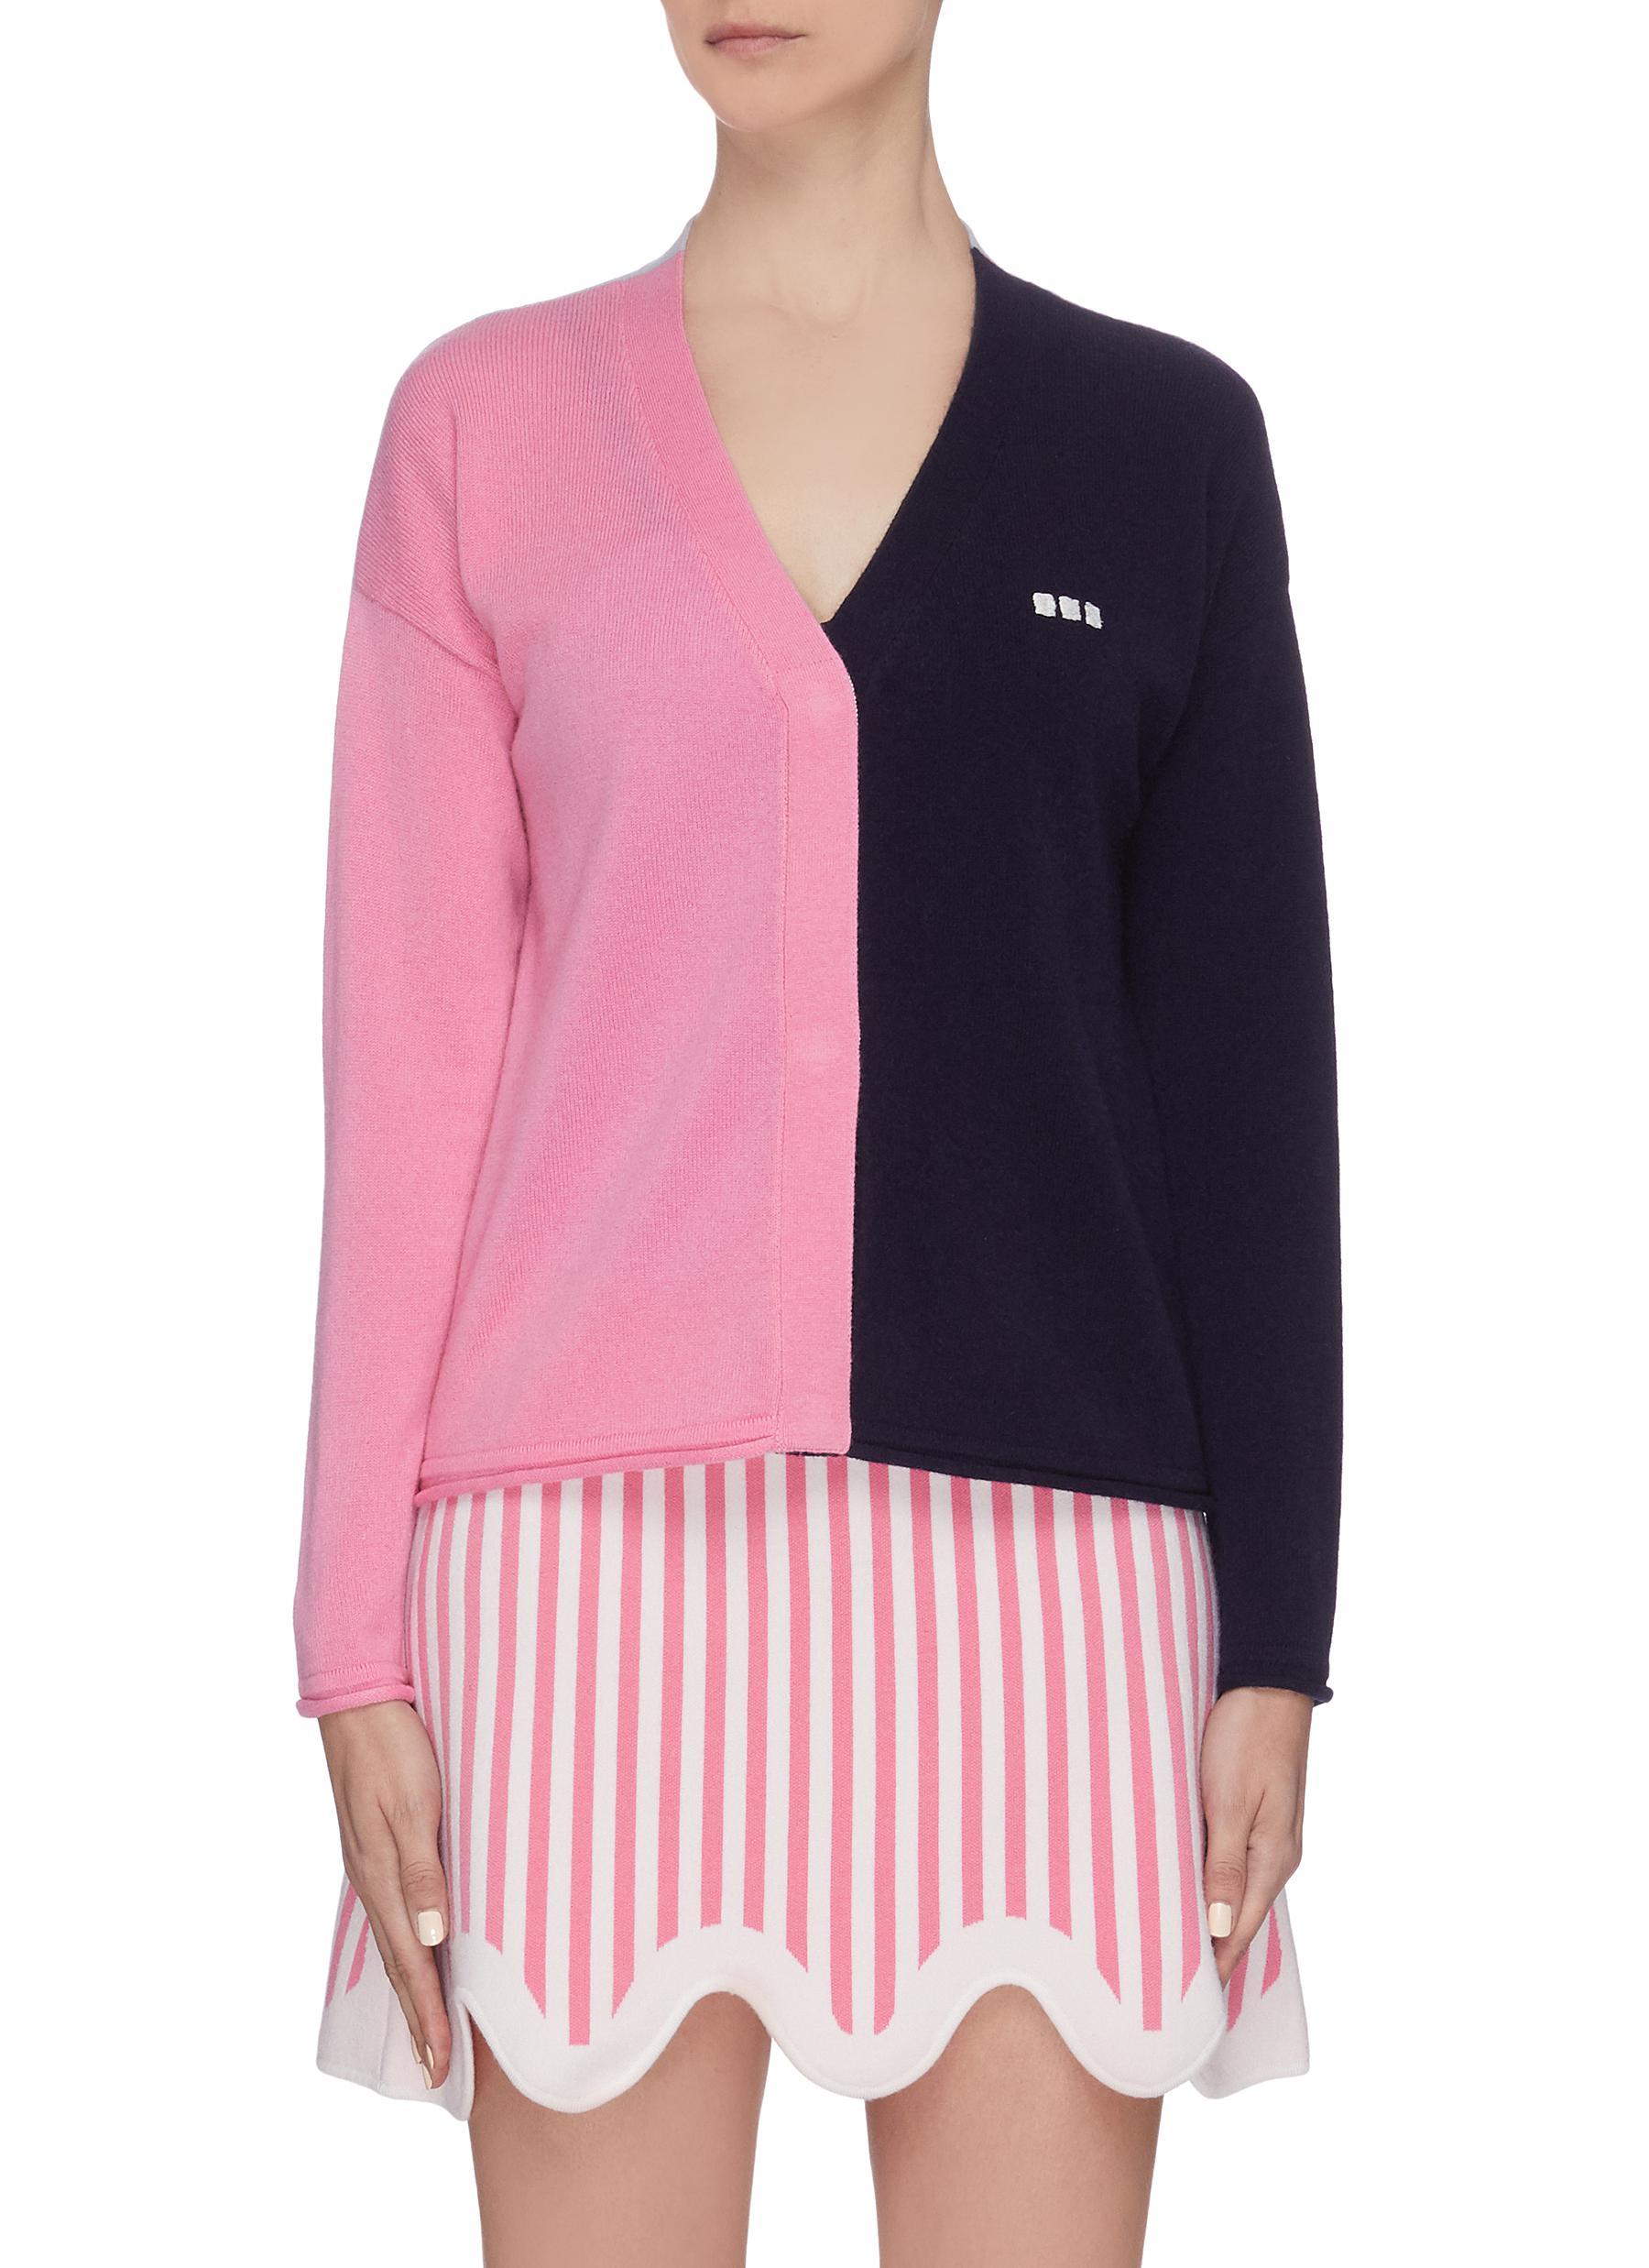 Buy Ph5 Knitwear Colourblock cardigan